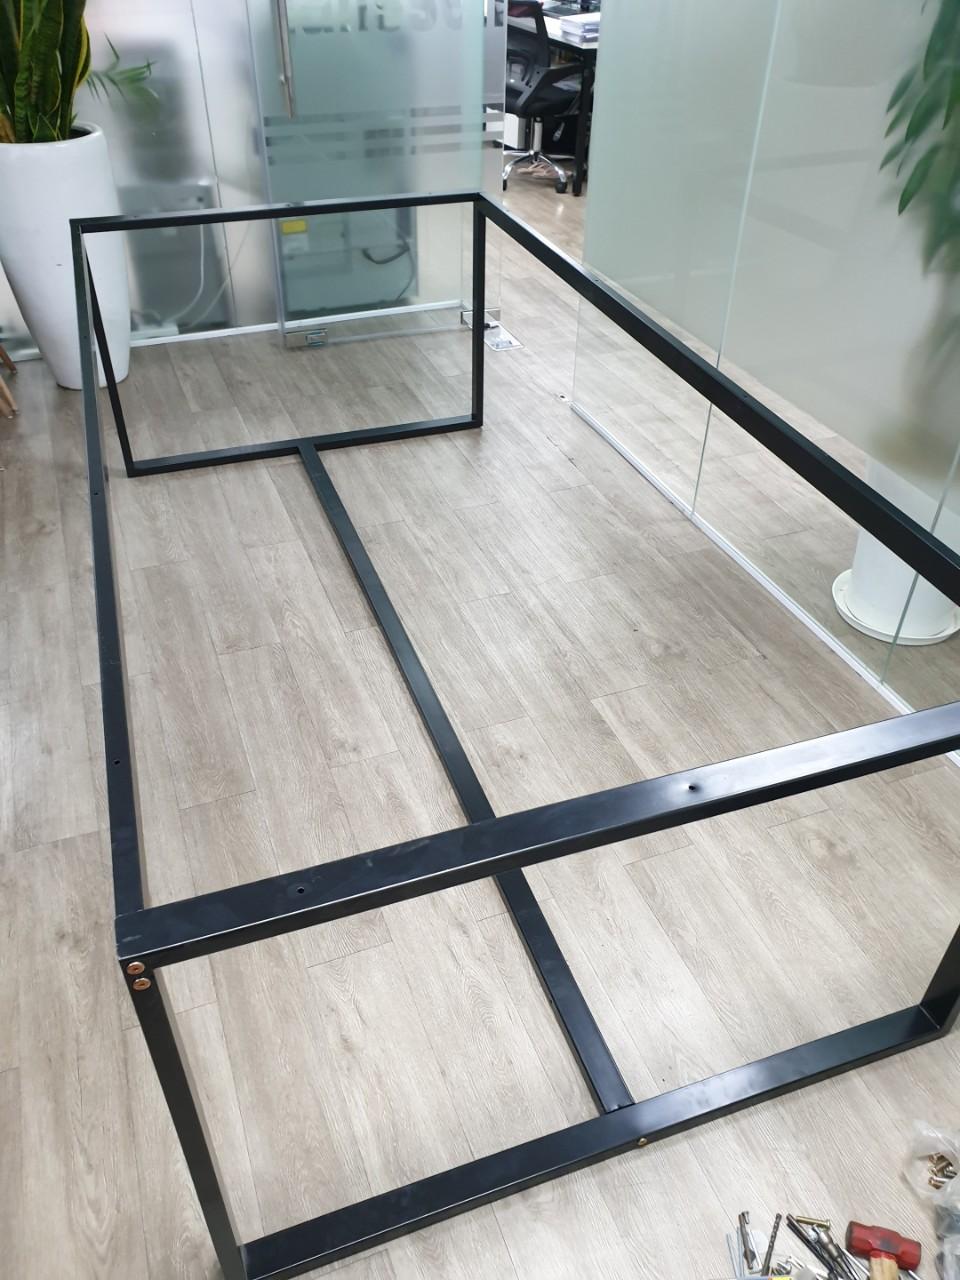 Chân bàn họp 240×120 khung sắt sơn tĩnh điện lắp ráp : H240-120